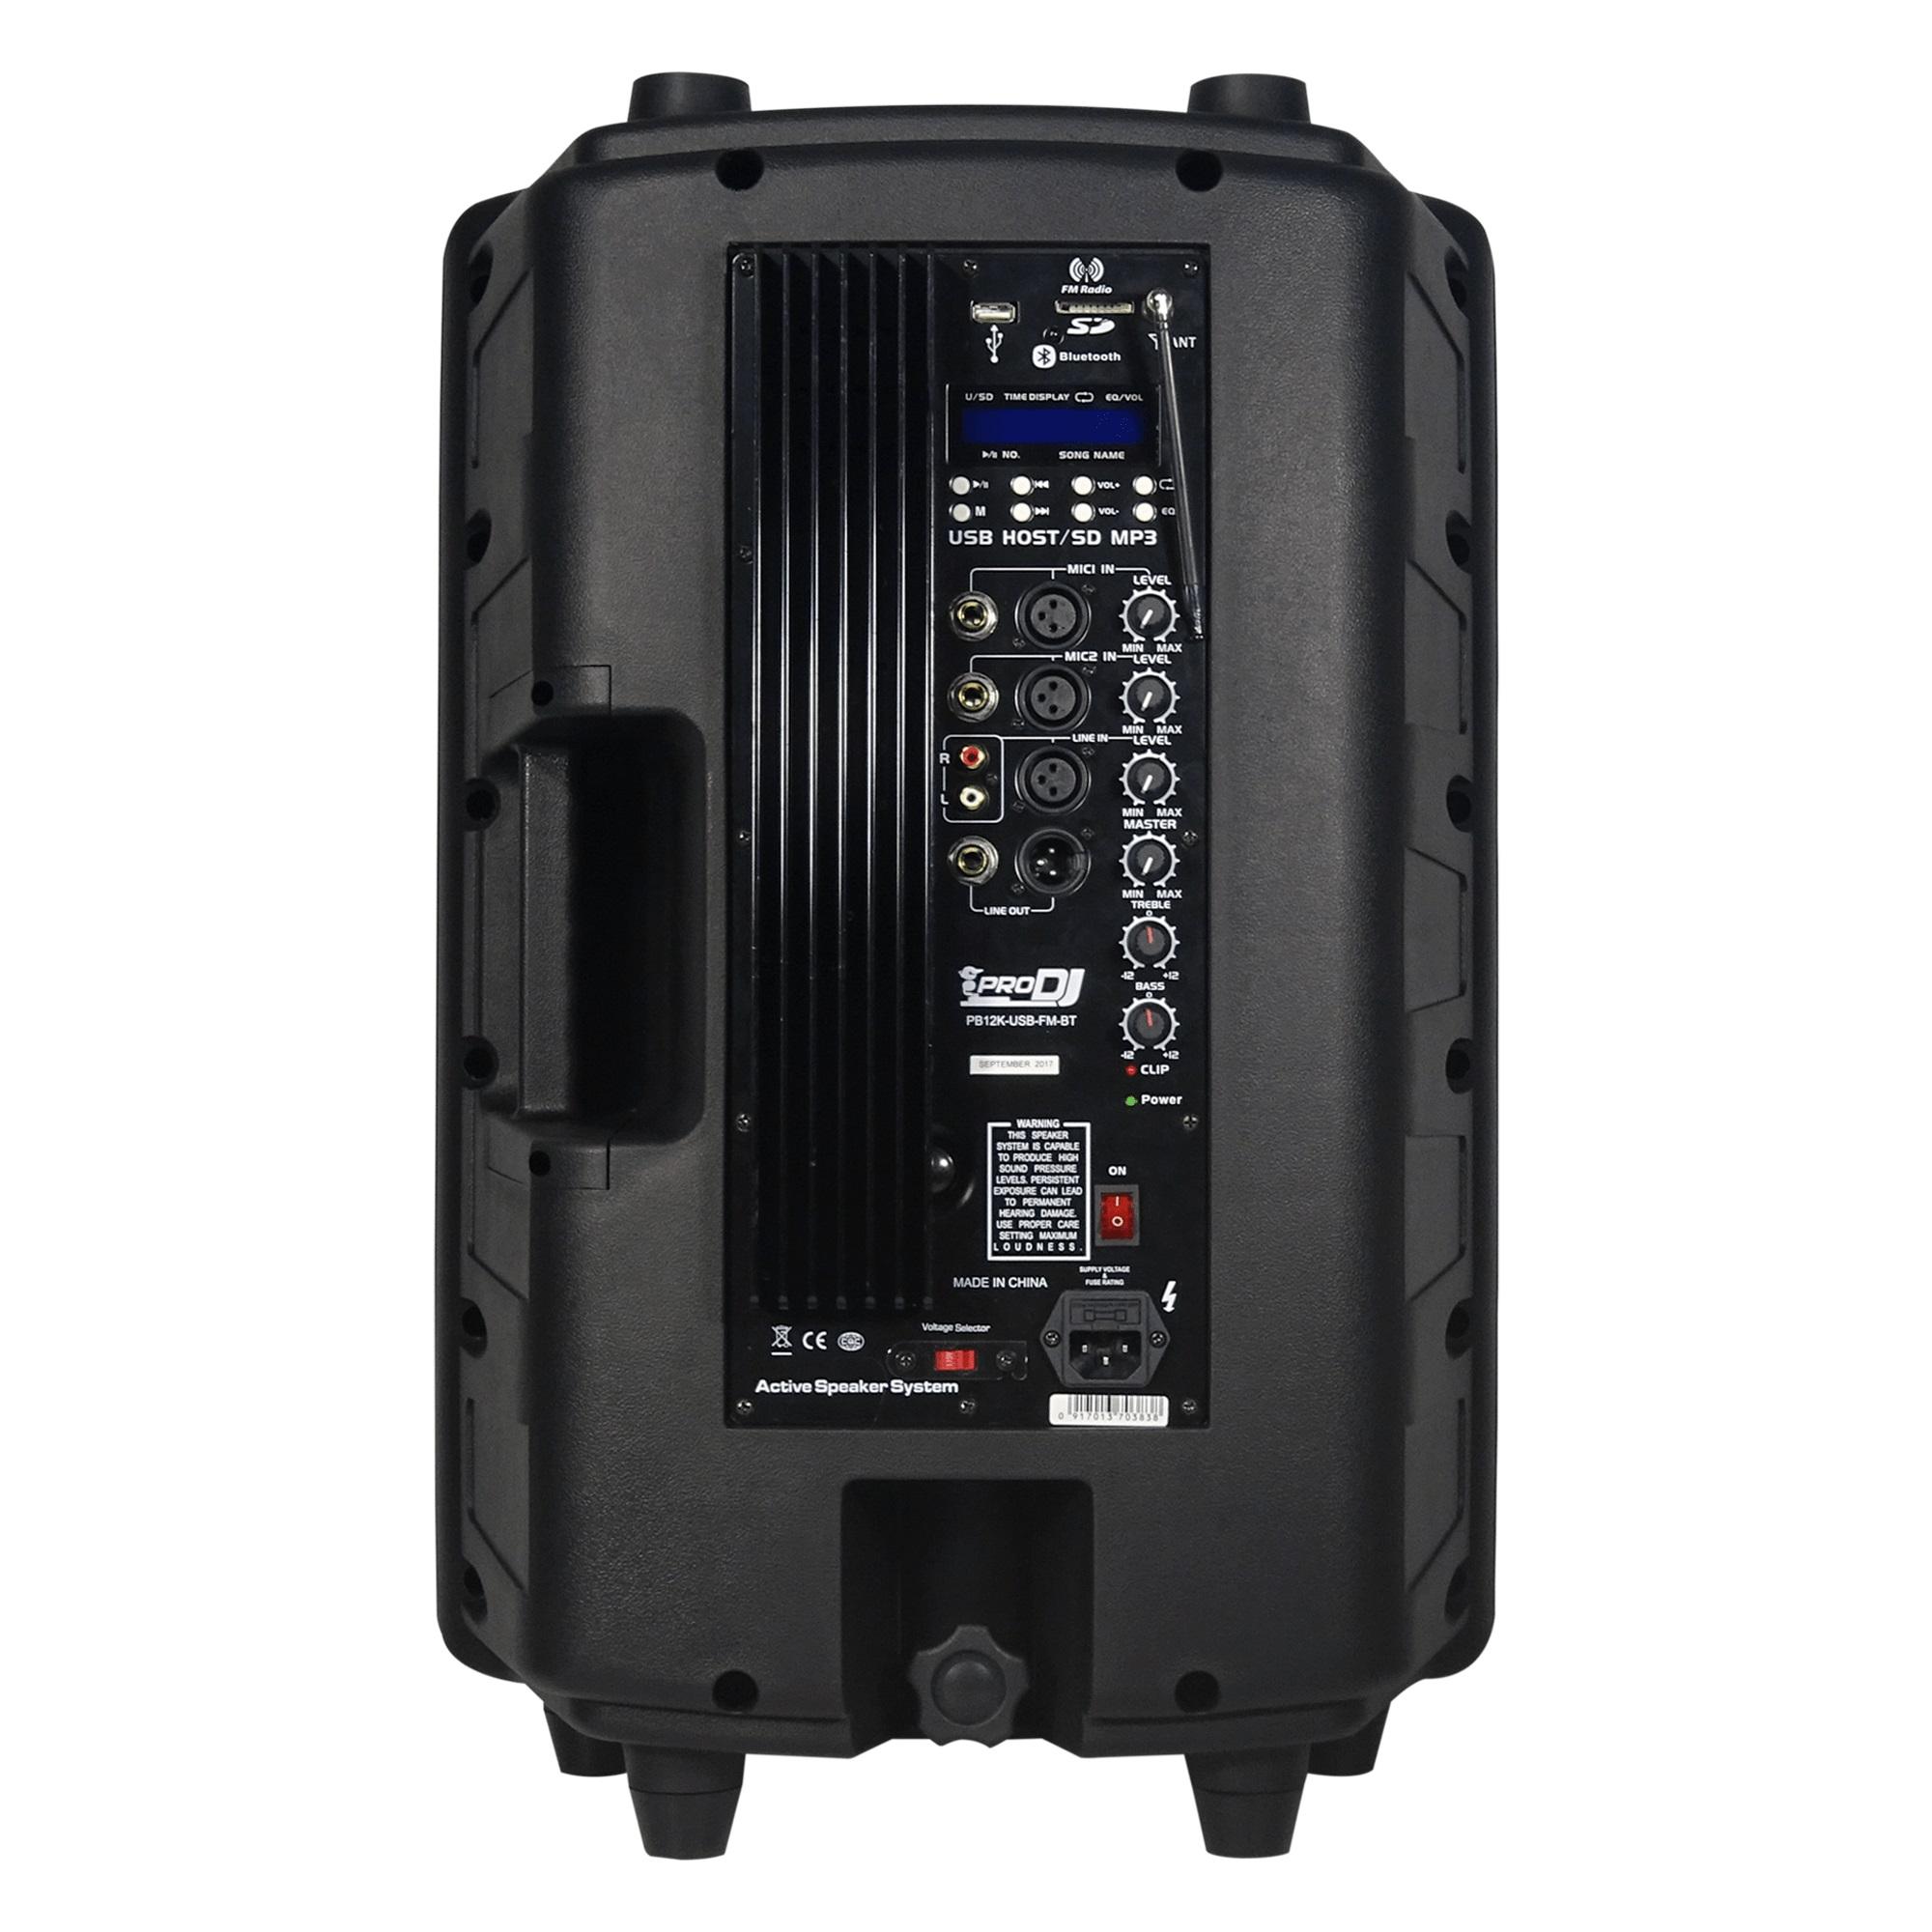 PB15N-USB-FM-BTWEB0002.jpg